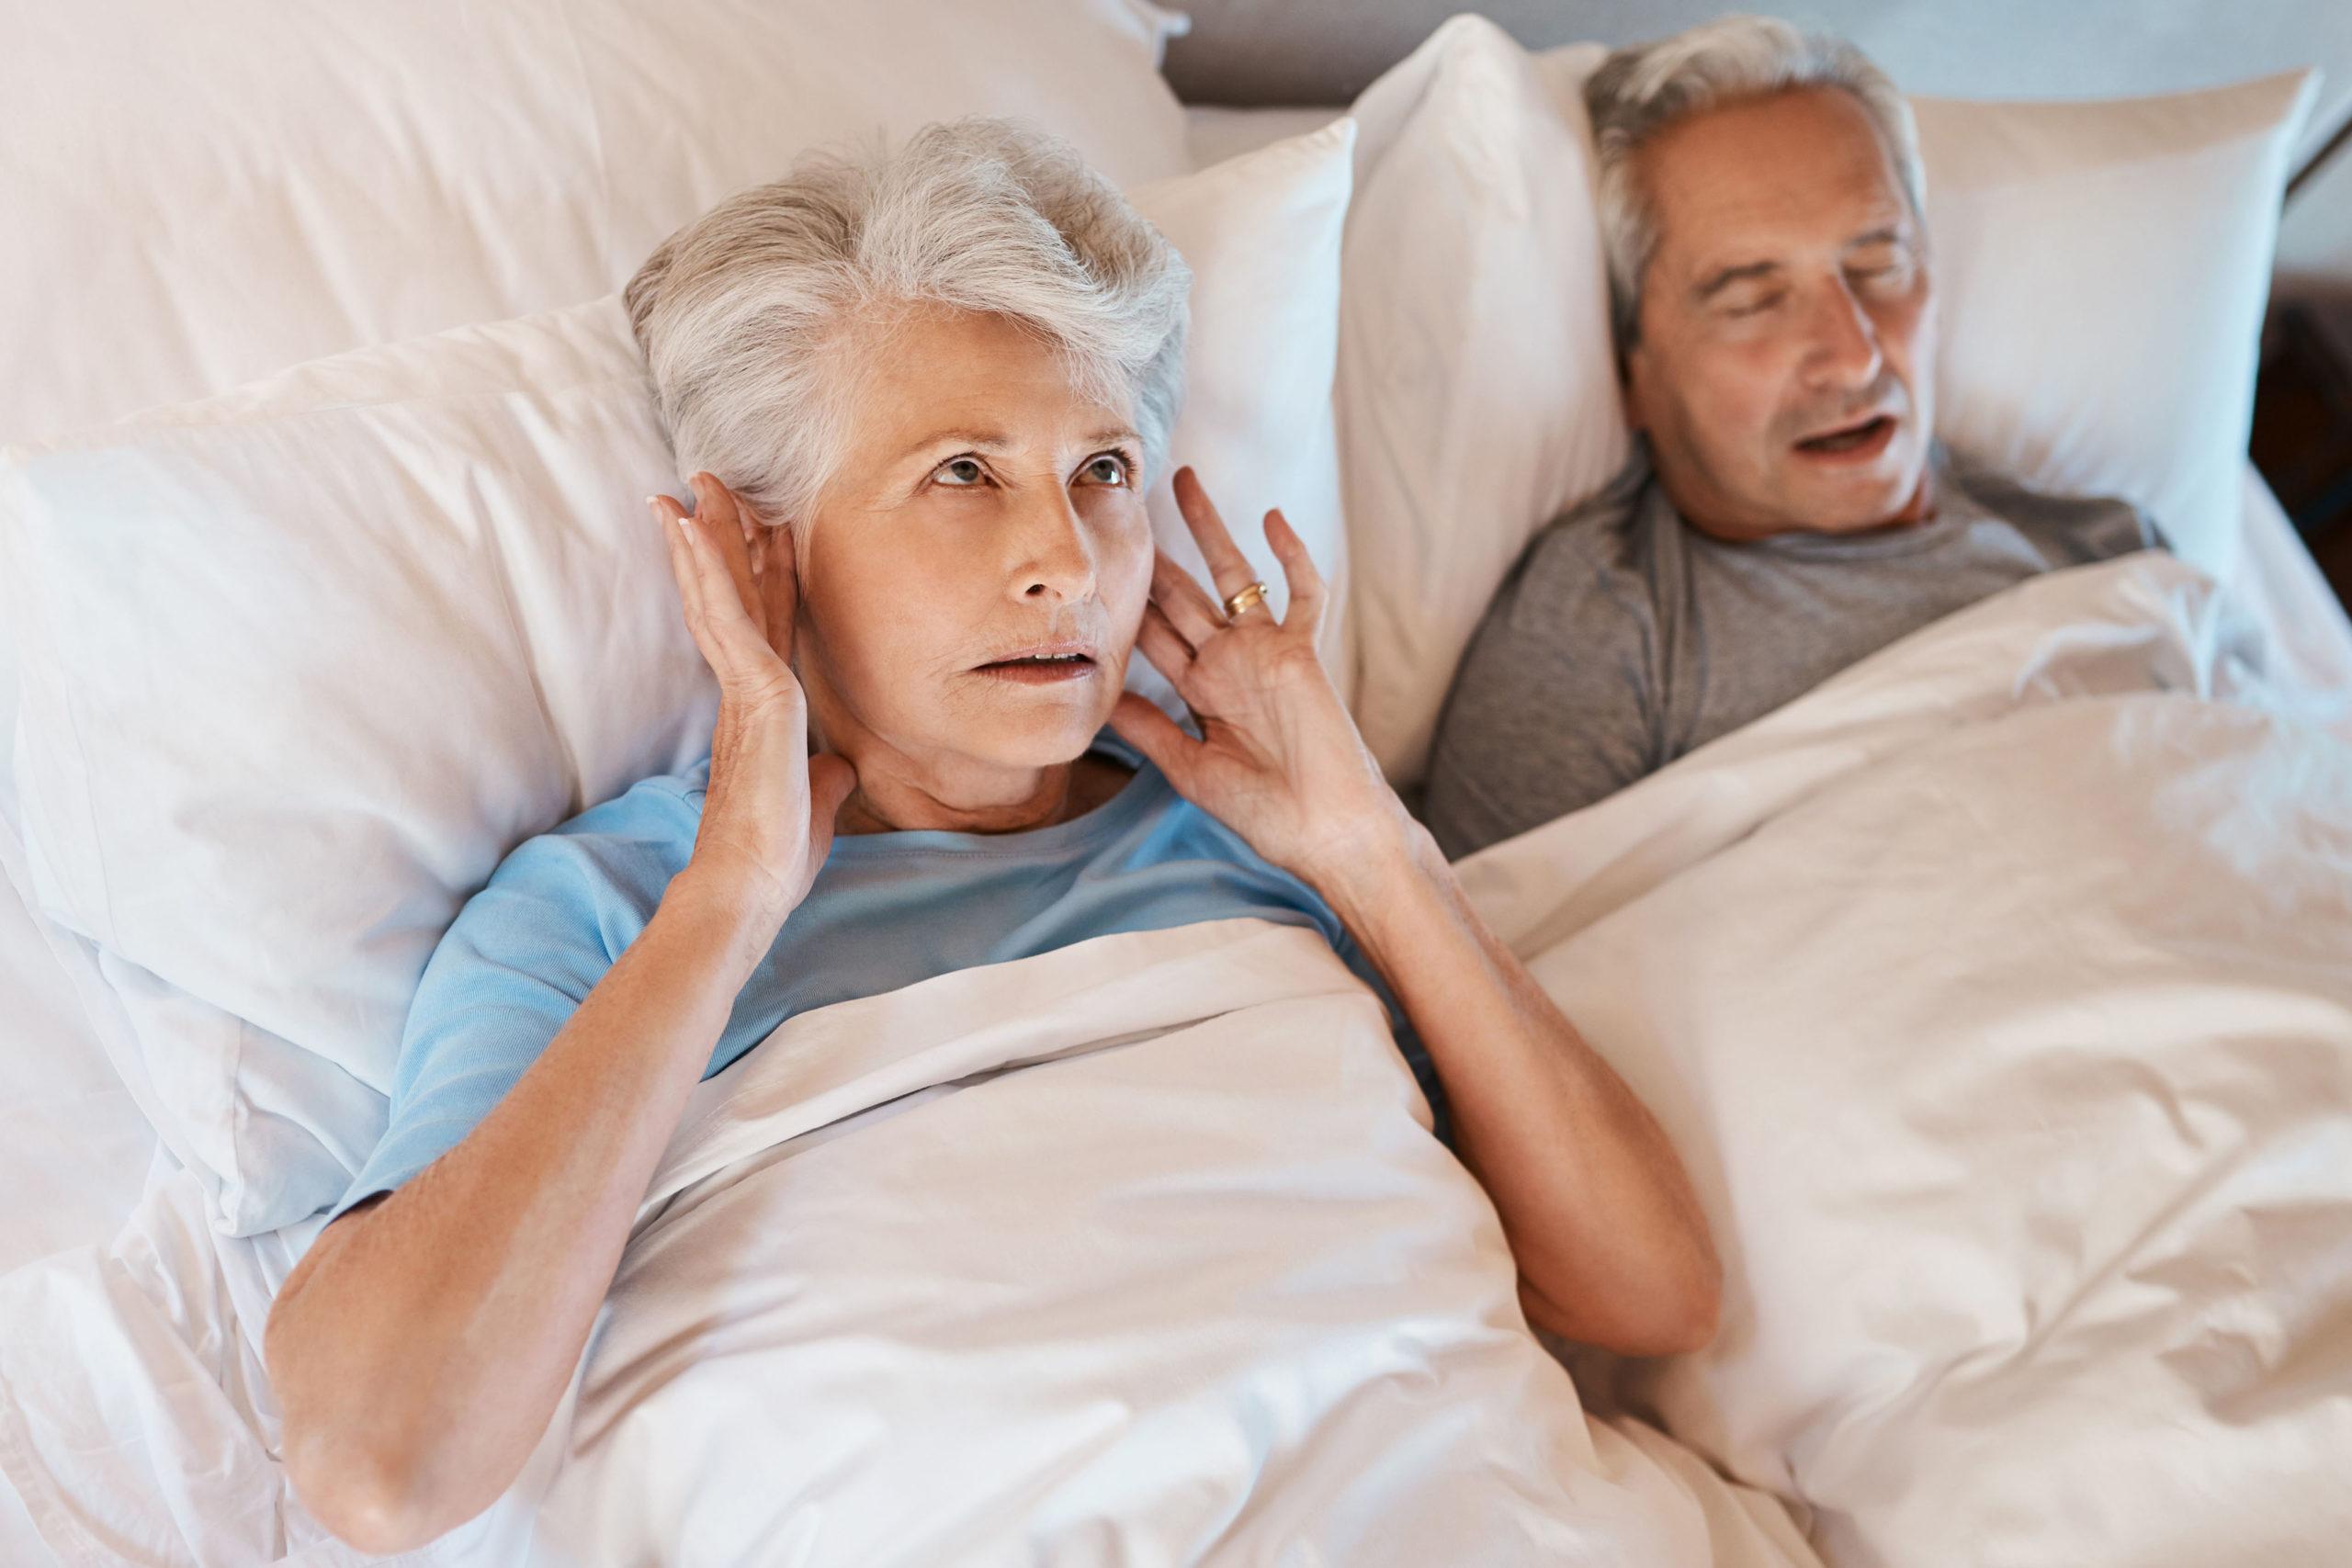 Obstruktive Schlafapnoe ist für Ehepaar belastend